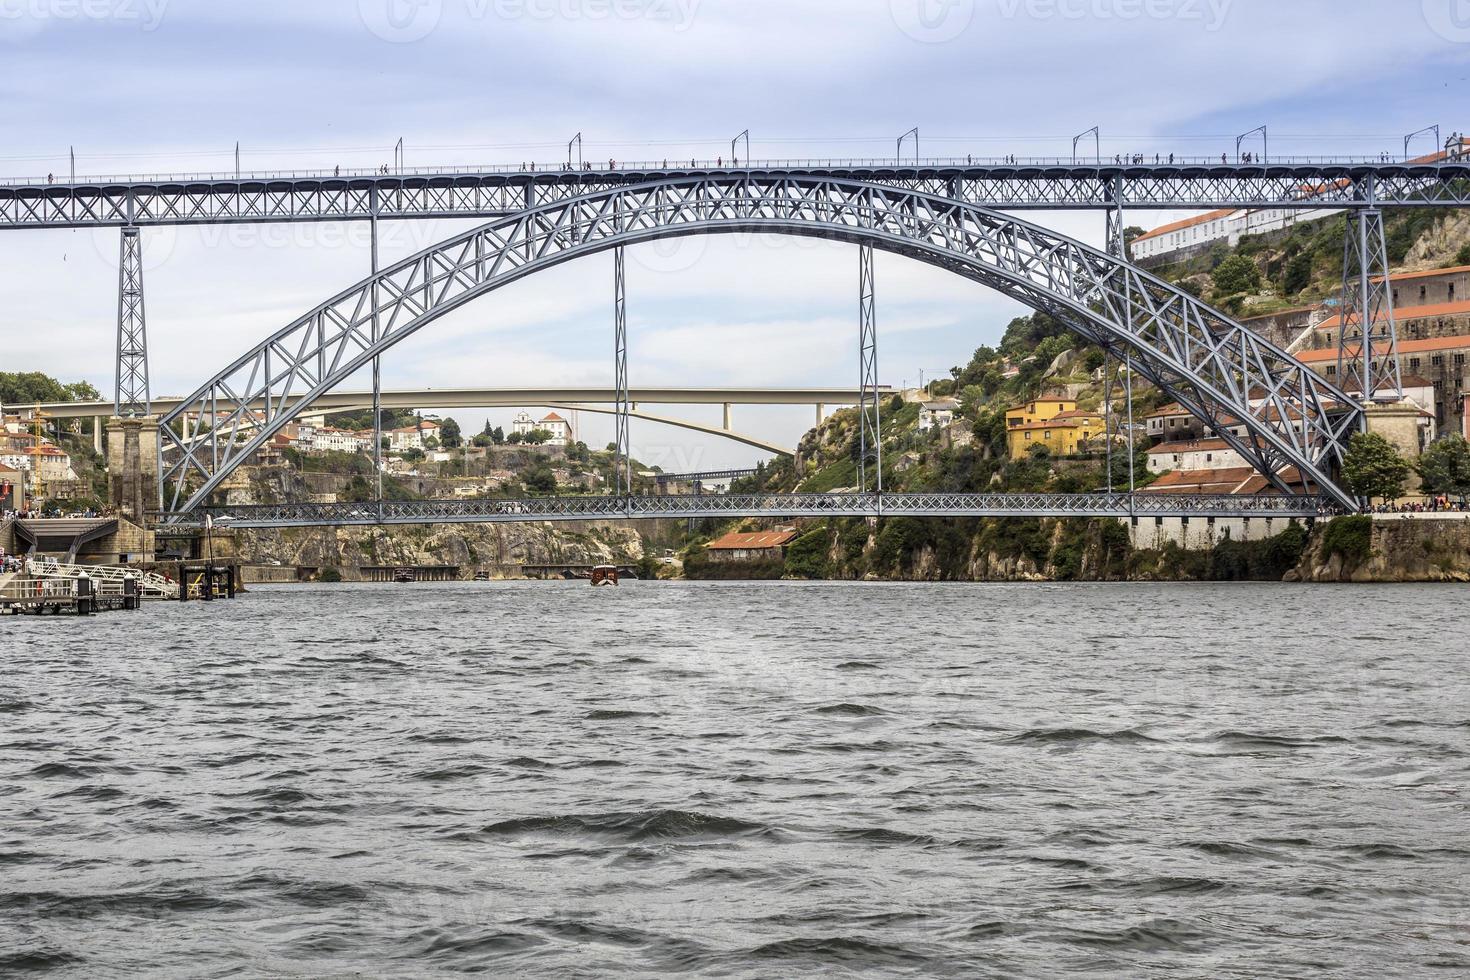 vue sur le pont dom luiz et la rivière gaia, porto cityscape. photo